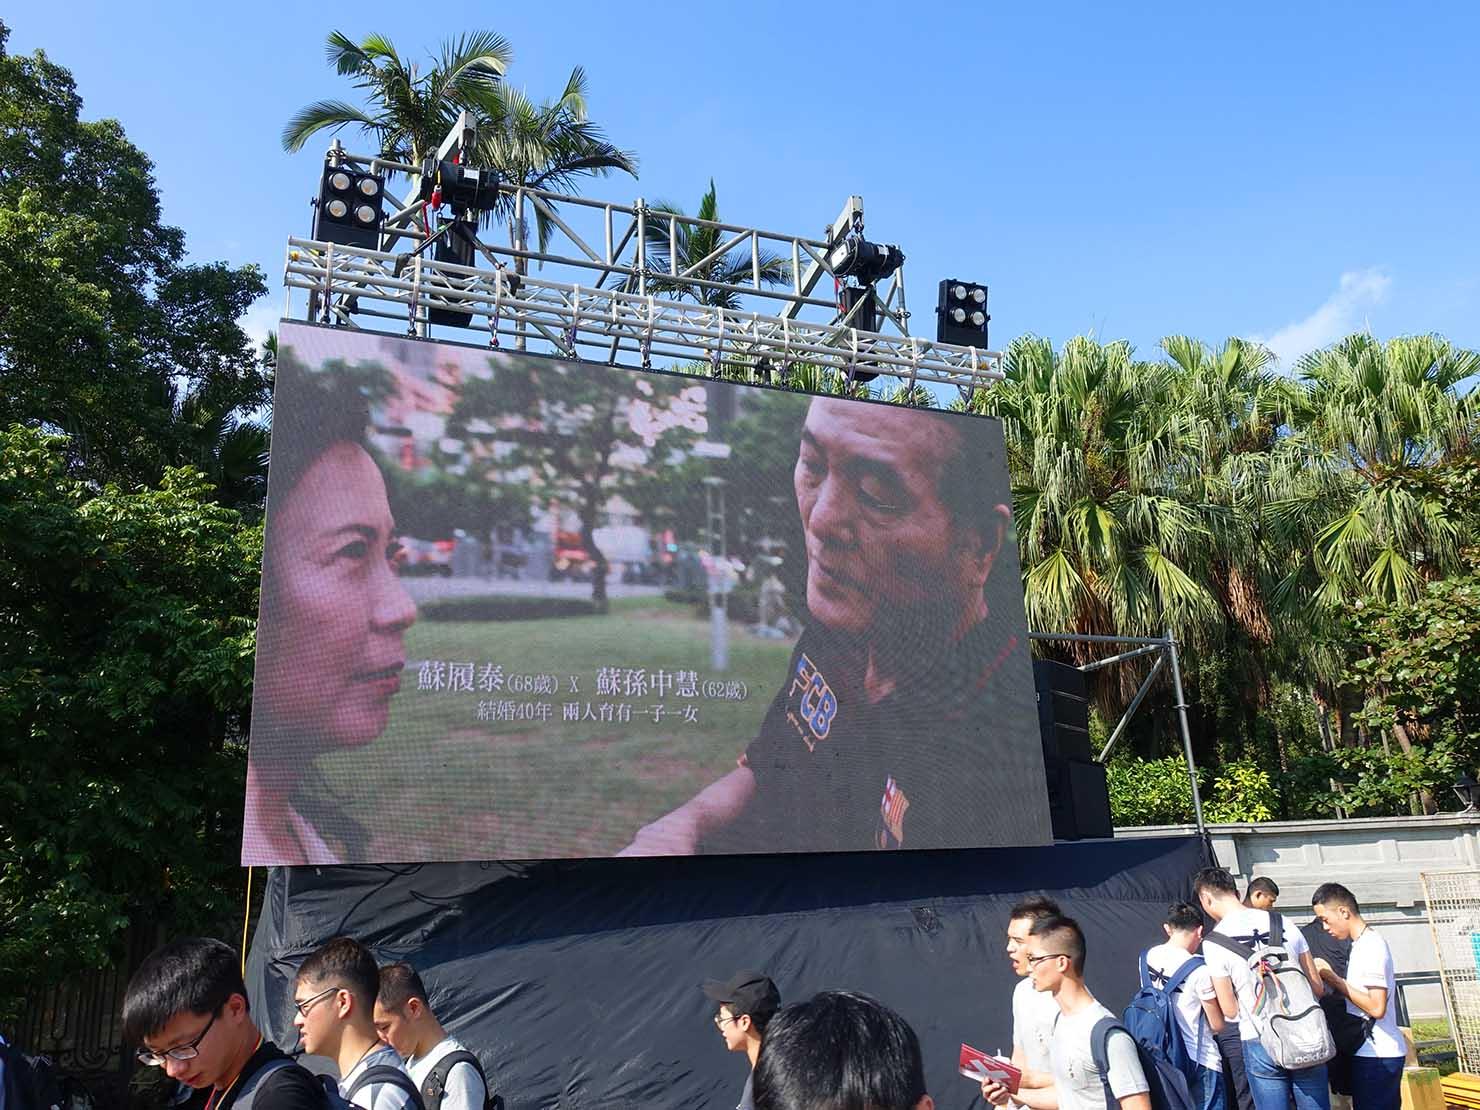 台湾のLGBT音楽イベント『為愛返家音樂會』の会場に設置された巨大モニター